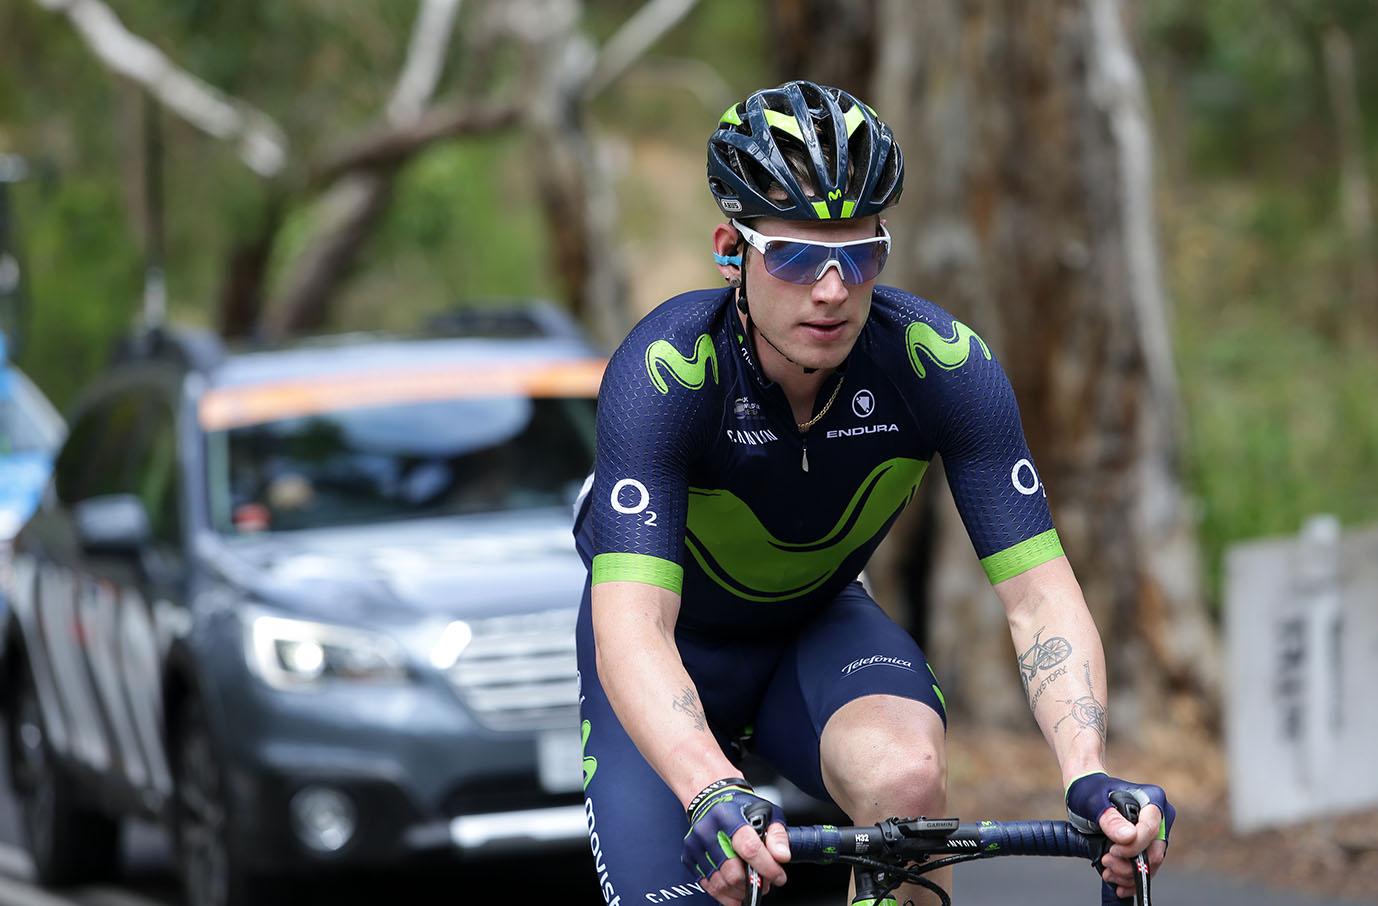 Breakaway rider Movistar team rider Jasha Sutterlin